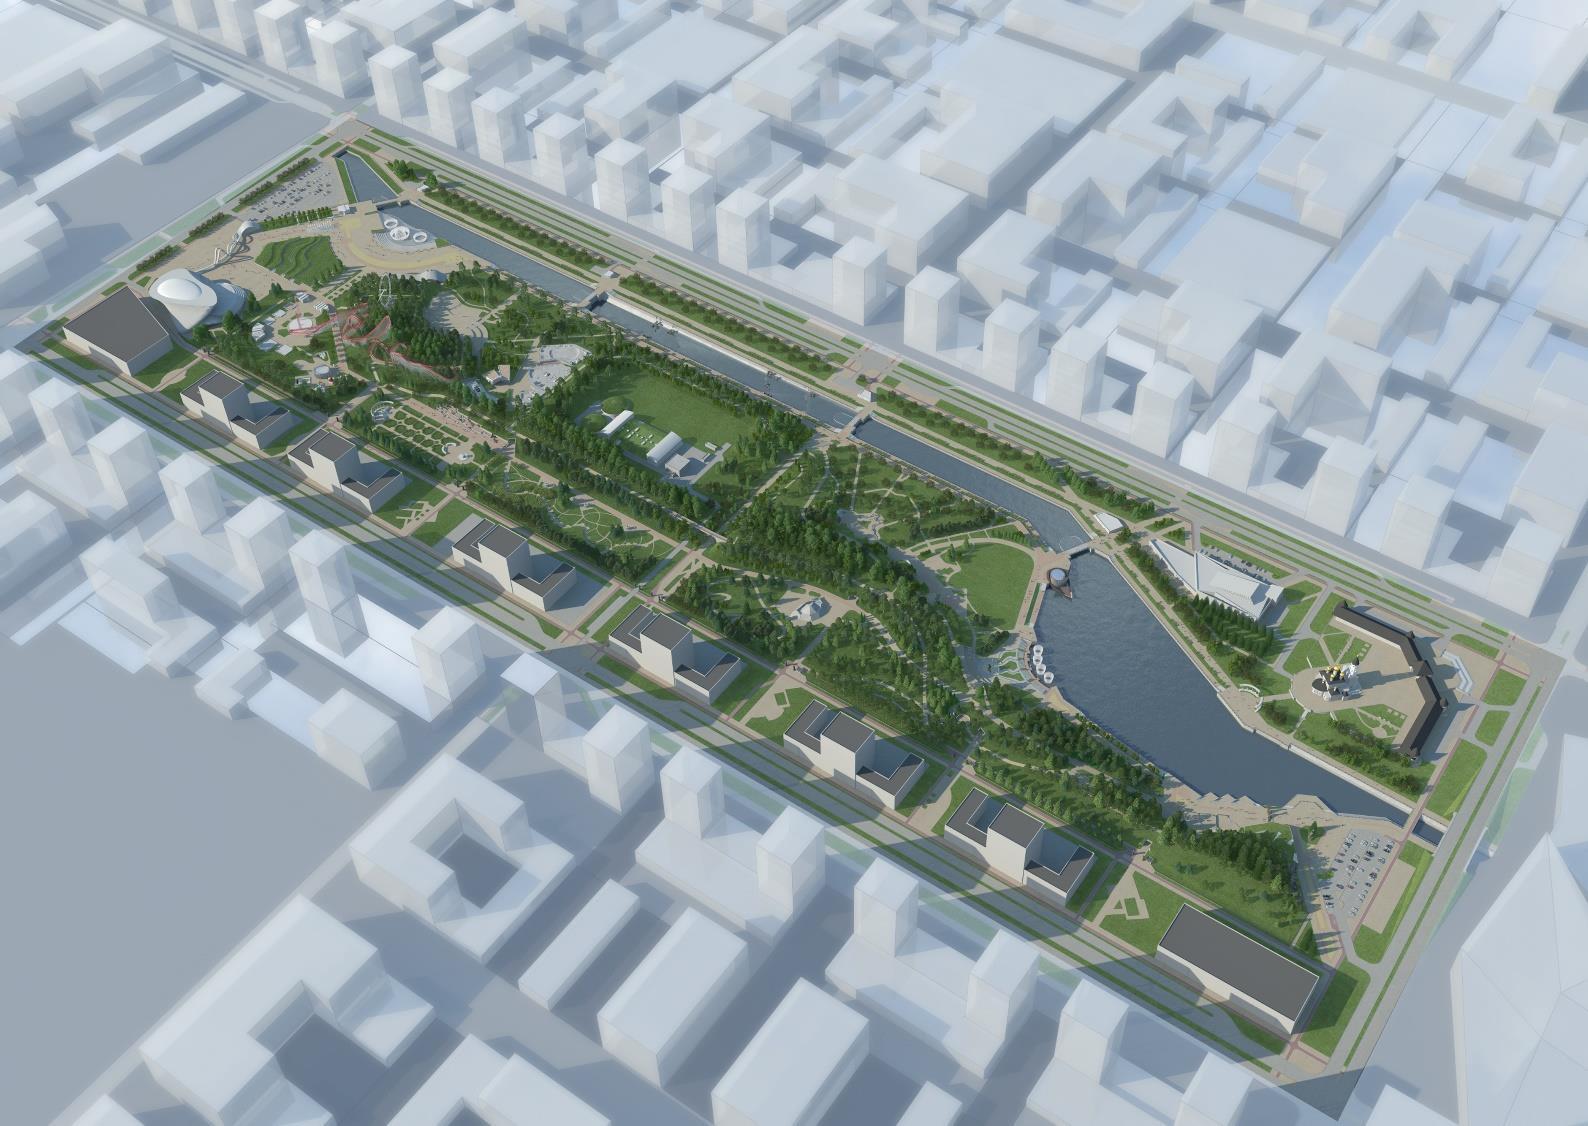 Парк в «Академическом» — концепция развития Преображенского парка в районе Екатеринбурга «Академический». Визуализация проектного решения